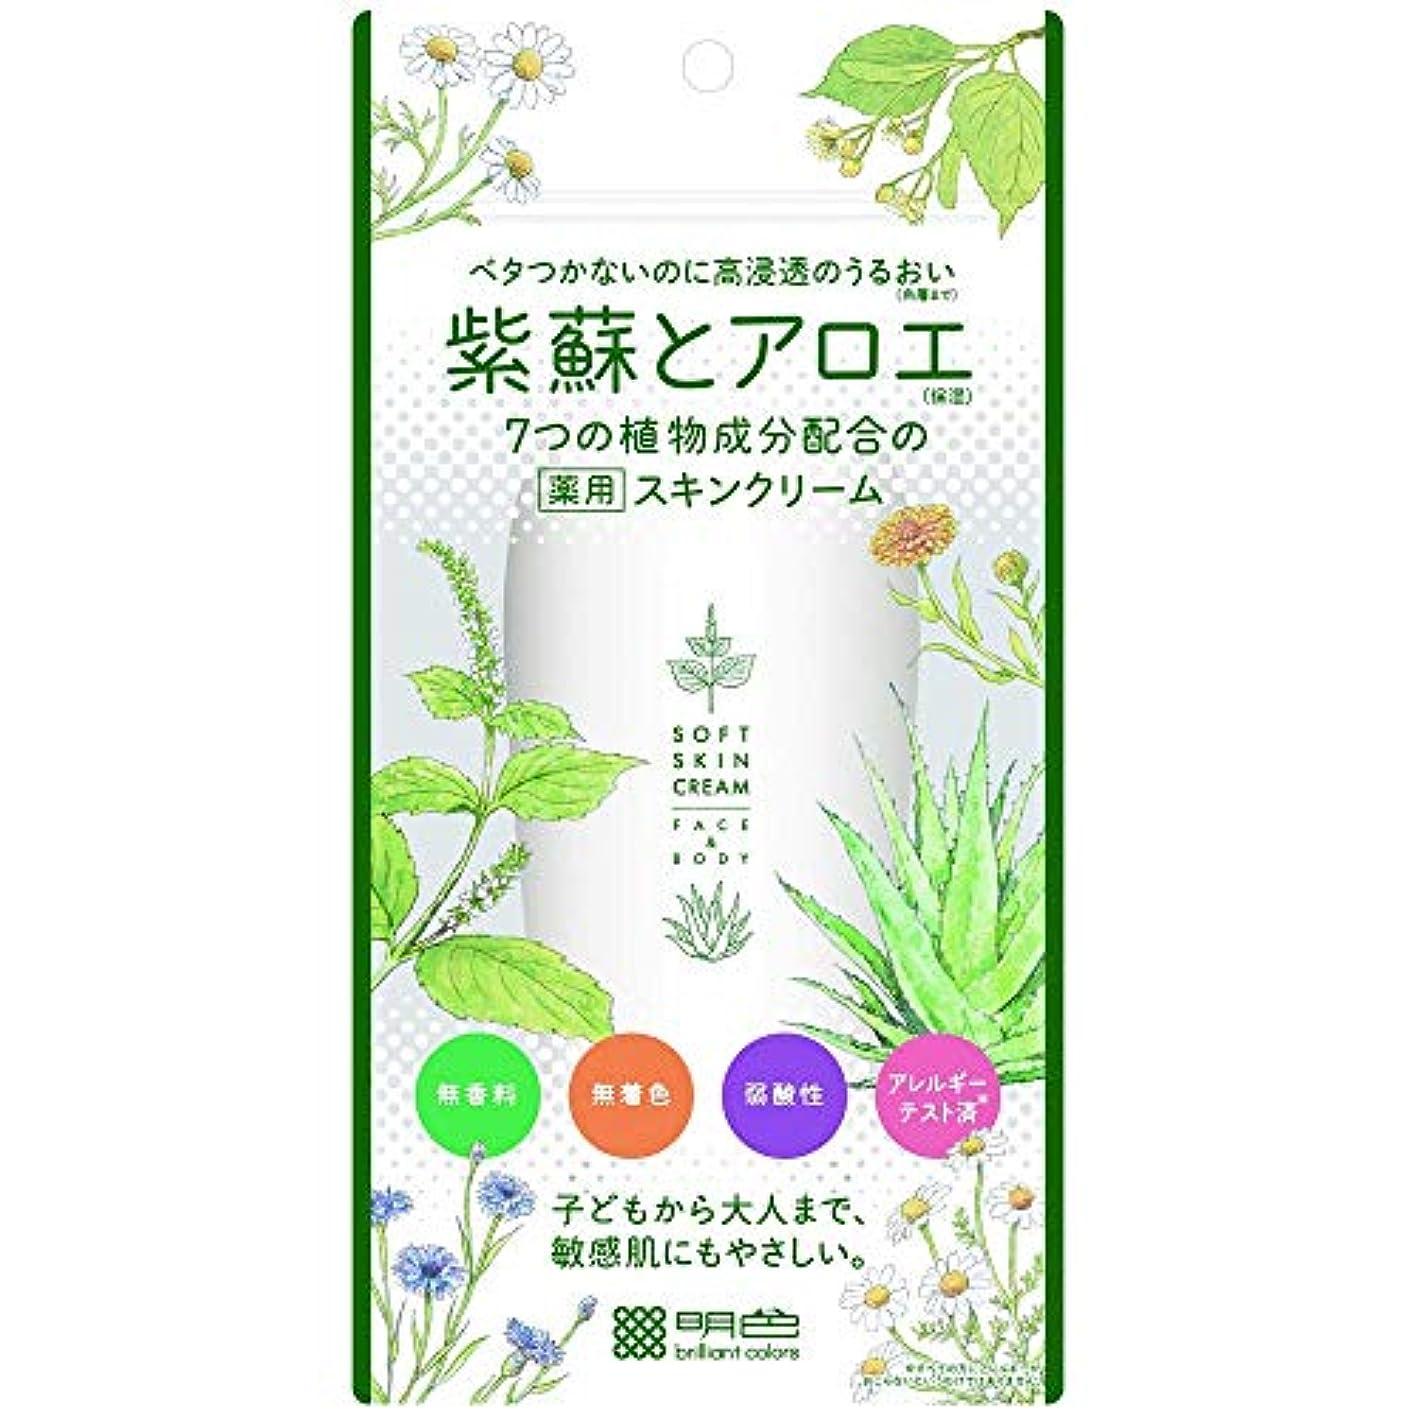 バリアドメイン未満【3個セット】紫蘇とアロエ 薬用スキンクリーム 190g